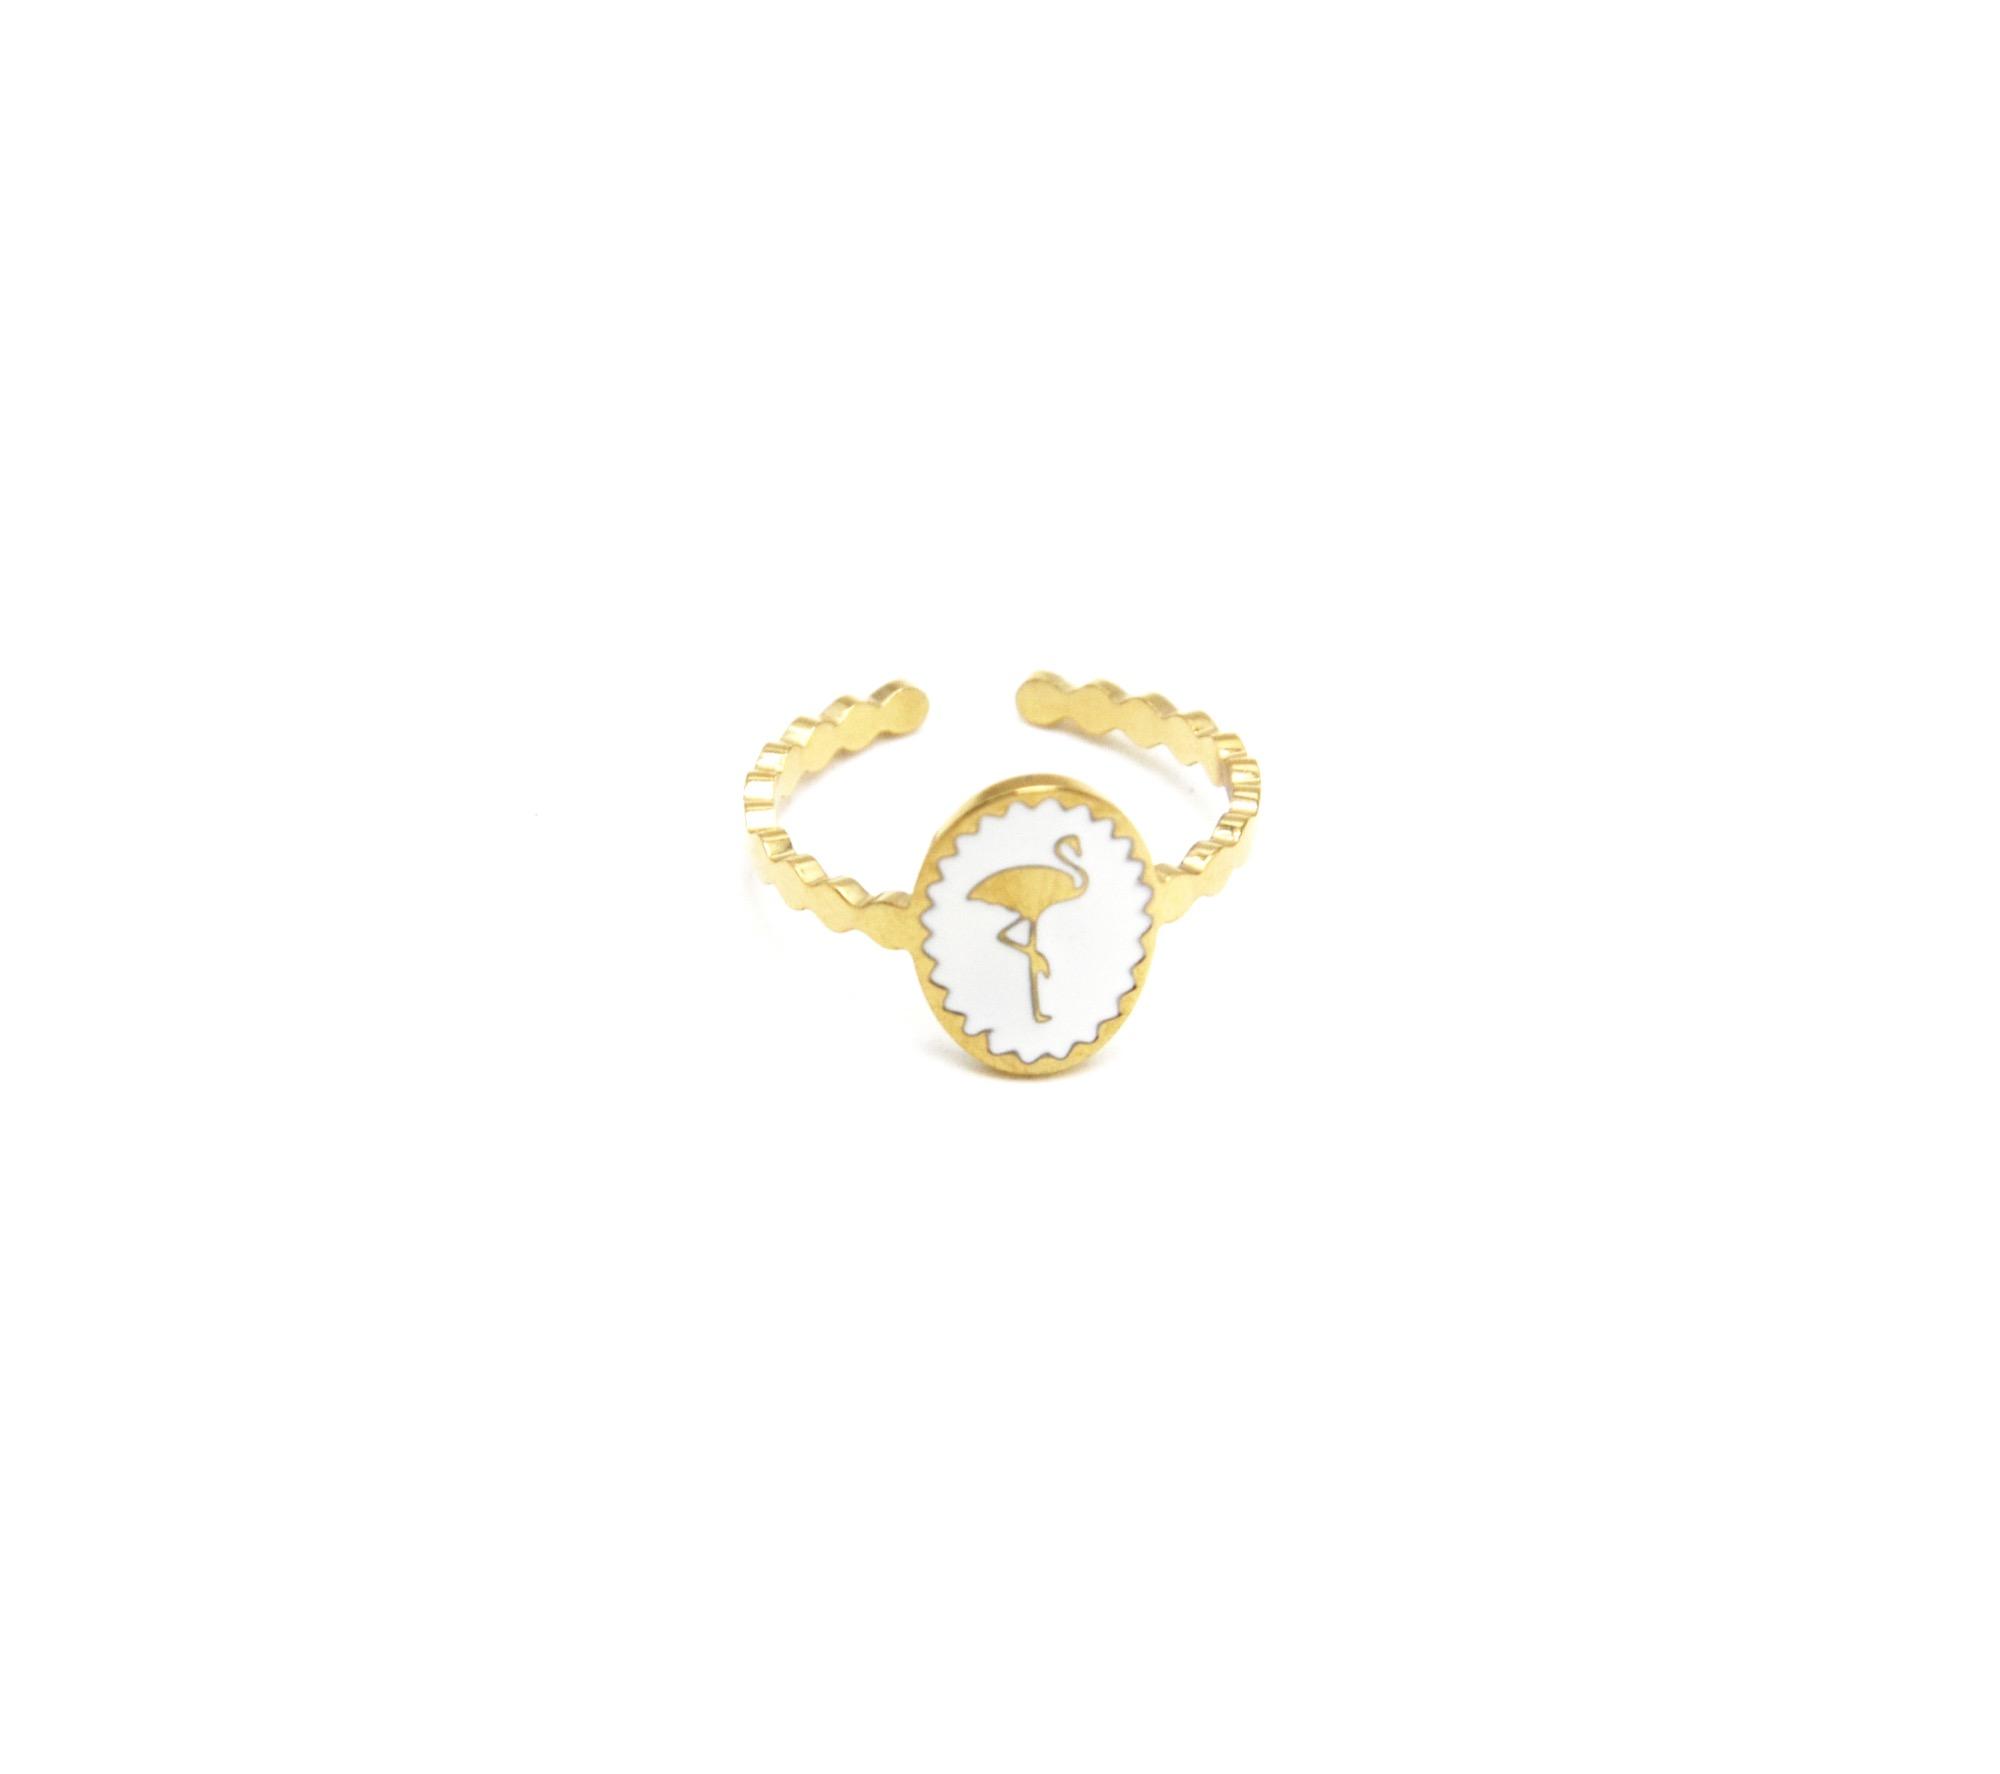 soccik Selle de v/élo ultra l/éger Toile daraign/ée Si/ège v/élo Tour Selle VTT selle Selle de v/élo de course course spinnwebe Coussin selle pour v/élo de trekking Blanc